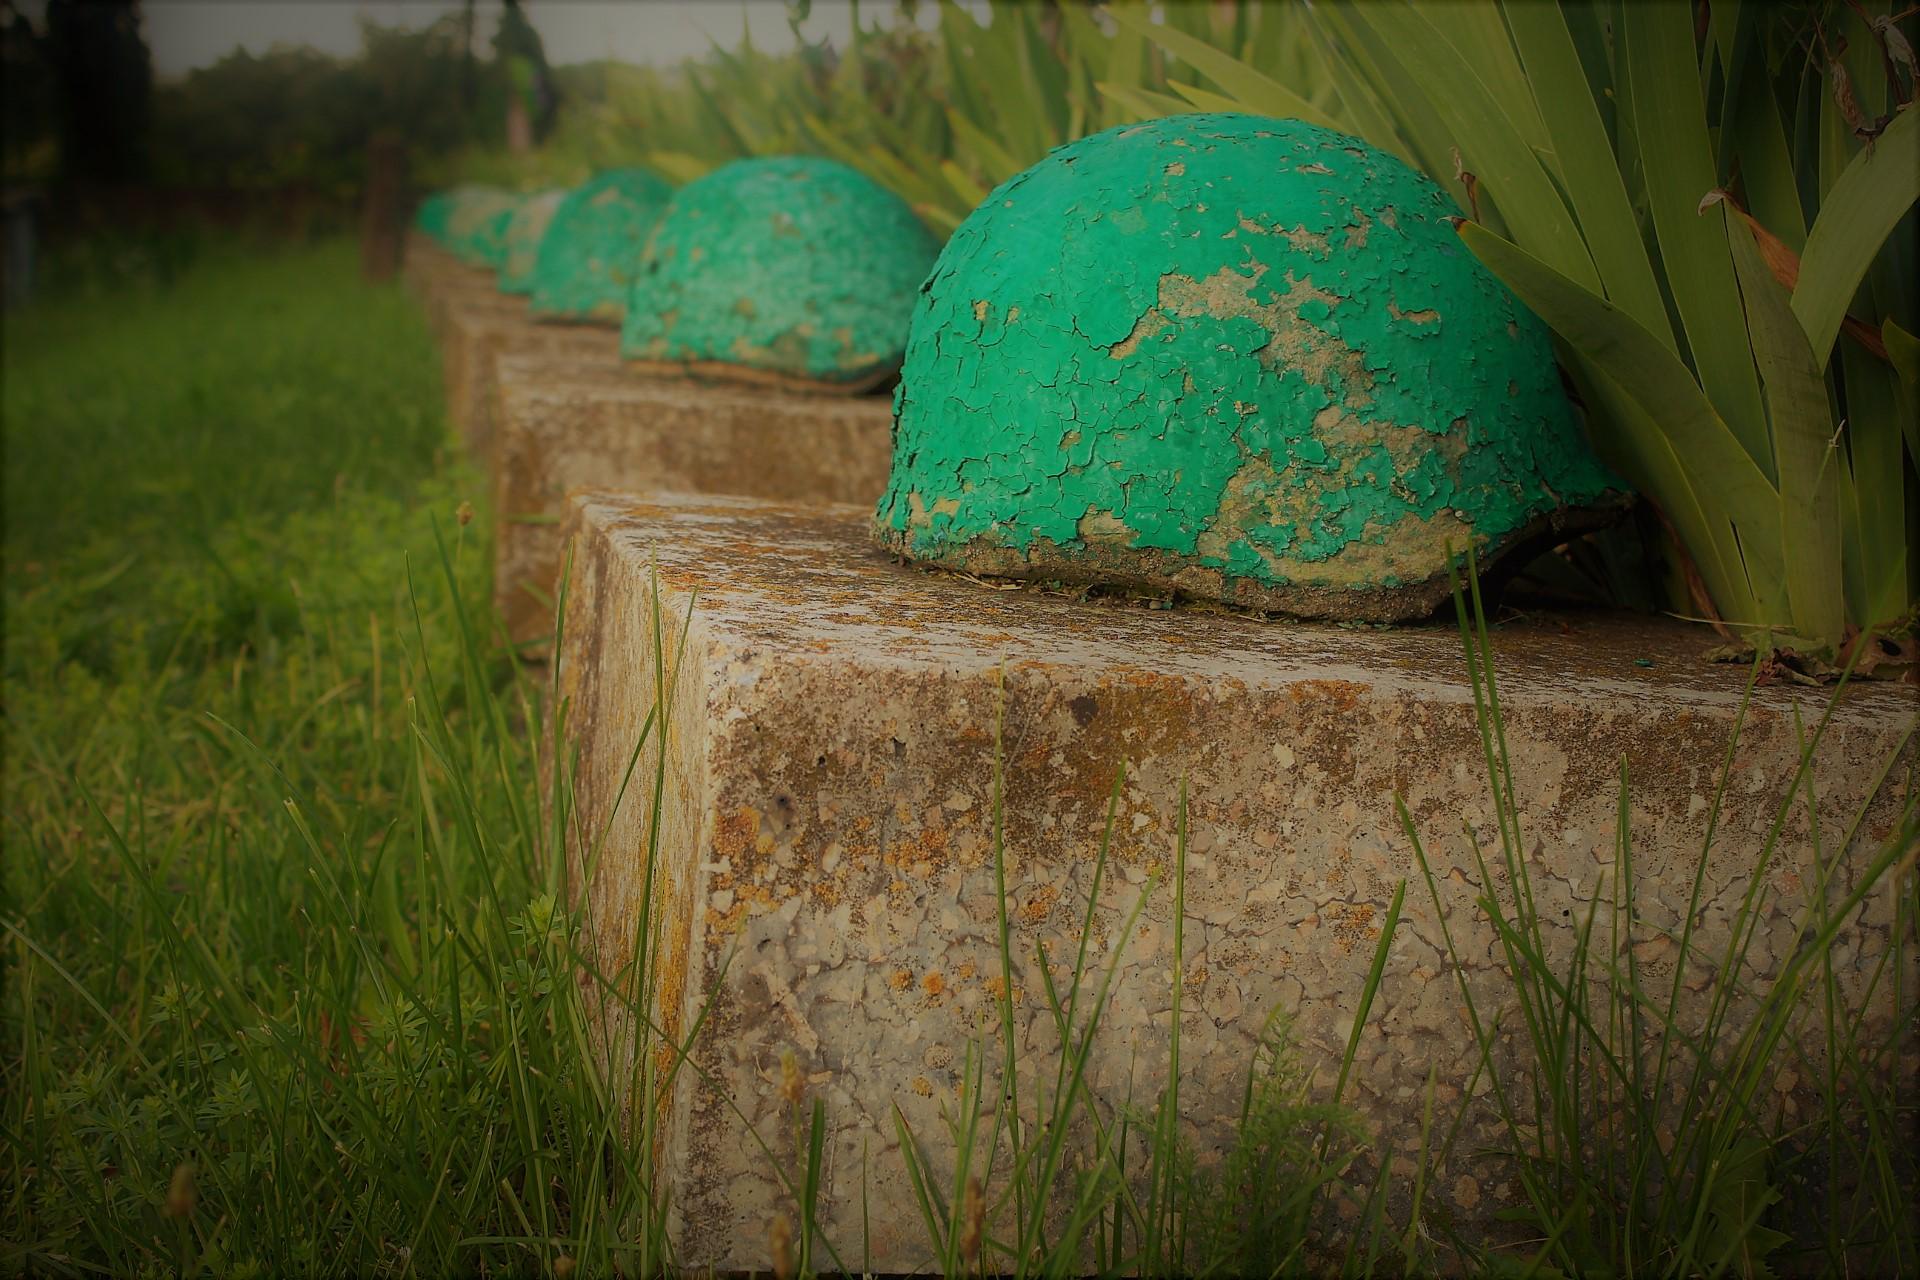 """""""Wchodząc uderza pewien widok. Równymi rzędami stoi kilkadziesiąt nagrobków. Każde bez imienia i nazwiska. Jedynie z zielonym, wojskowym hełmem. To groby poległych żołnierzy..."""" fot. P.Ch. / zKaszub.info"""